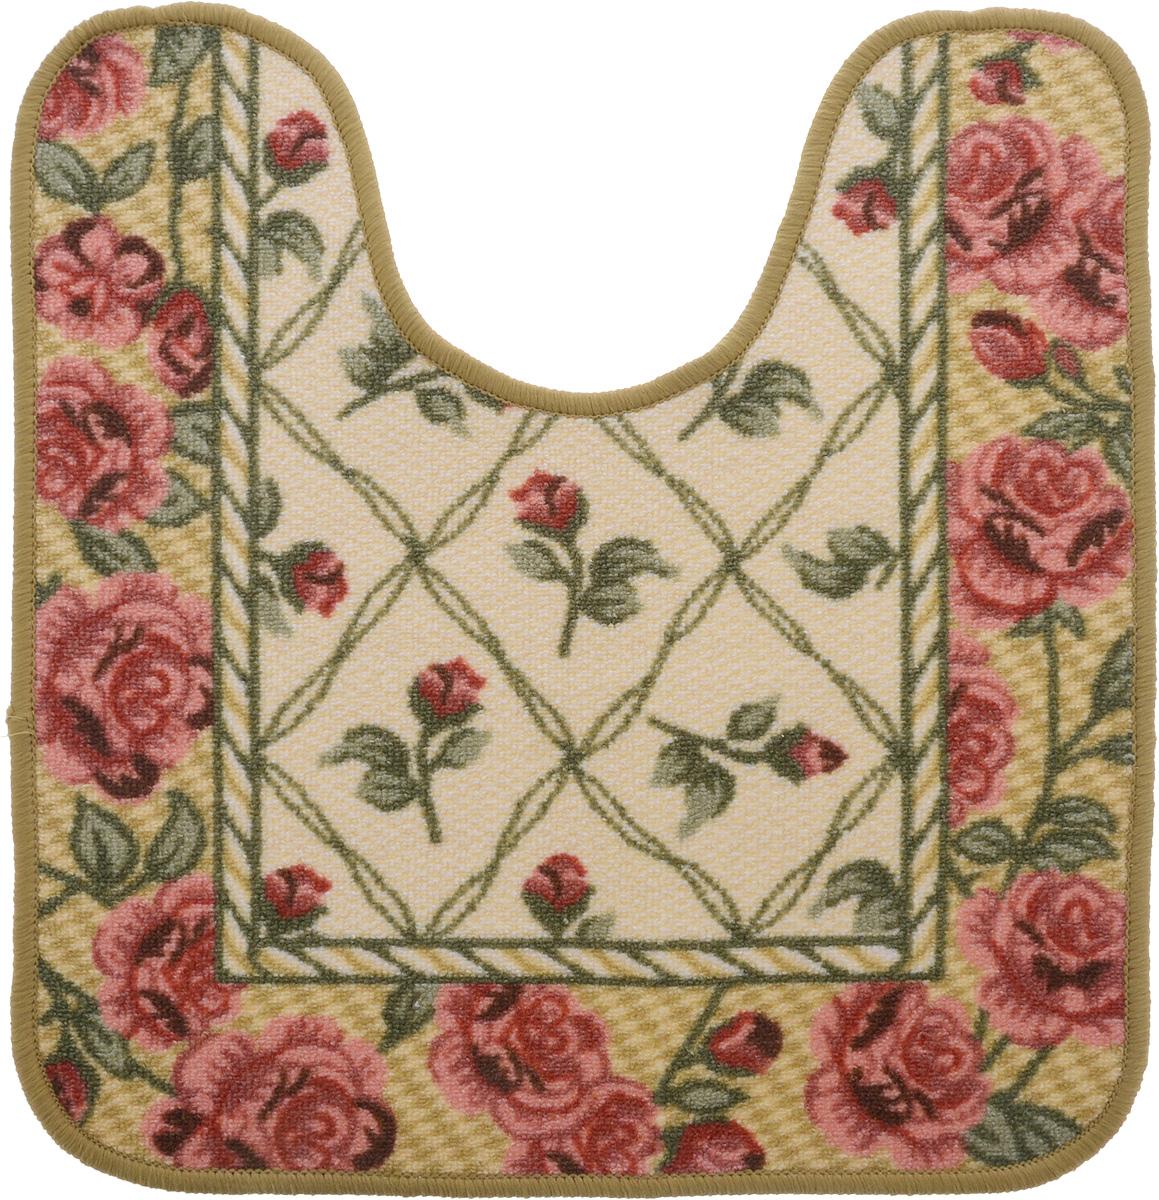 Коврик для ванной MAC Carpet Розетта, цвет: коричневый, розовый, 57 х 60 см коврик для ванной mac carpet розетта цвет коричневый розовый 57 х 60 см